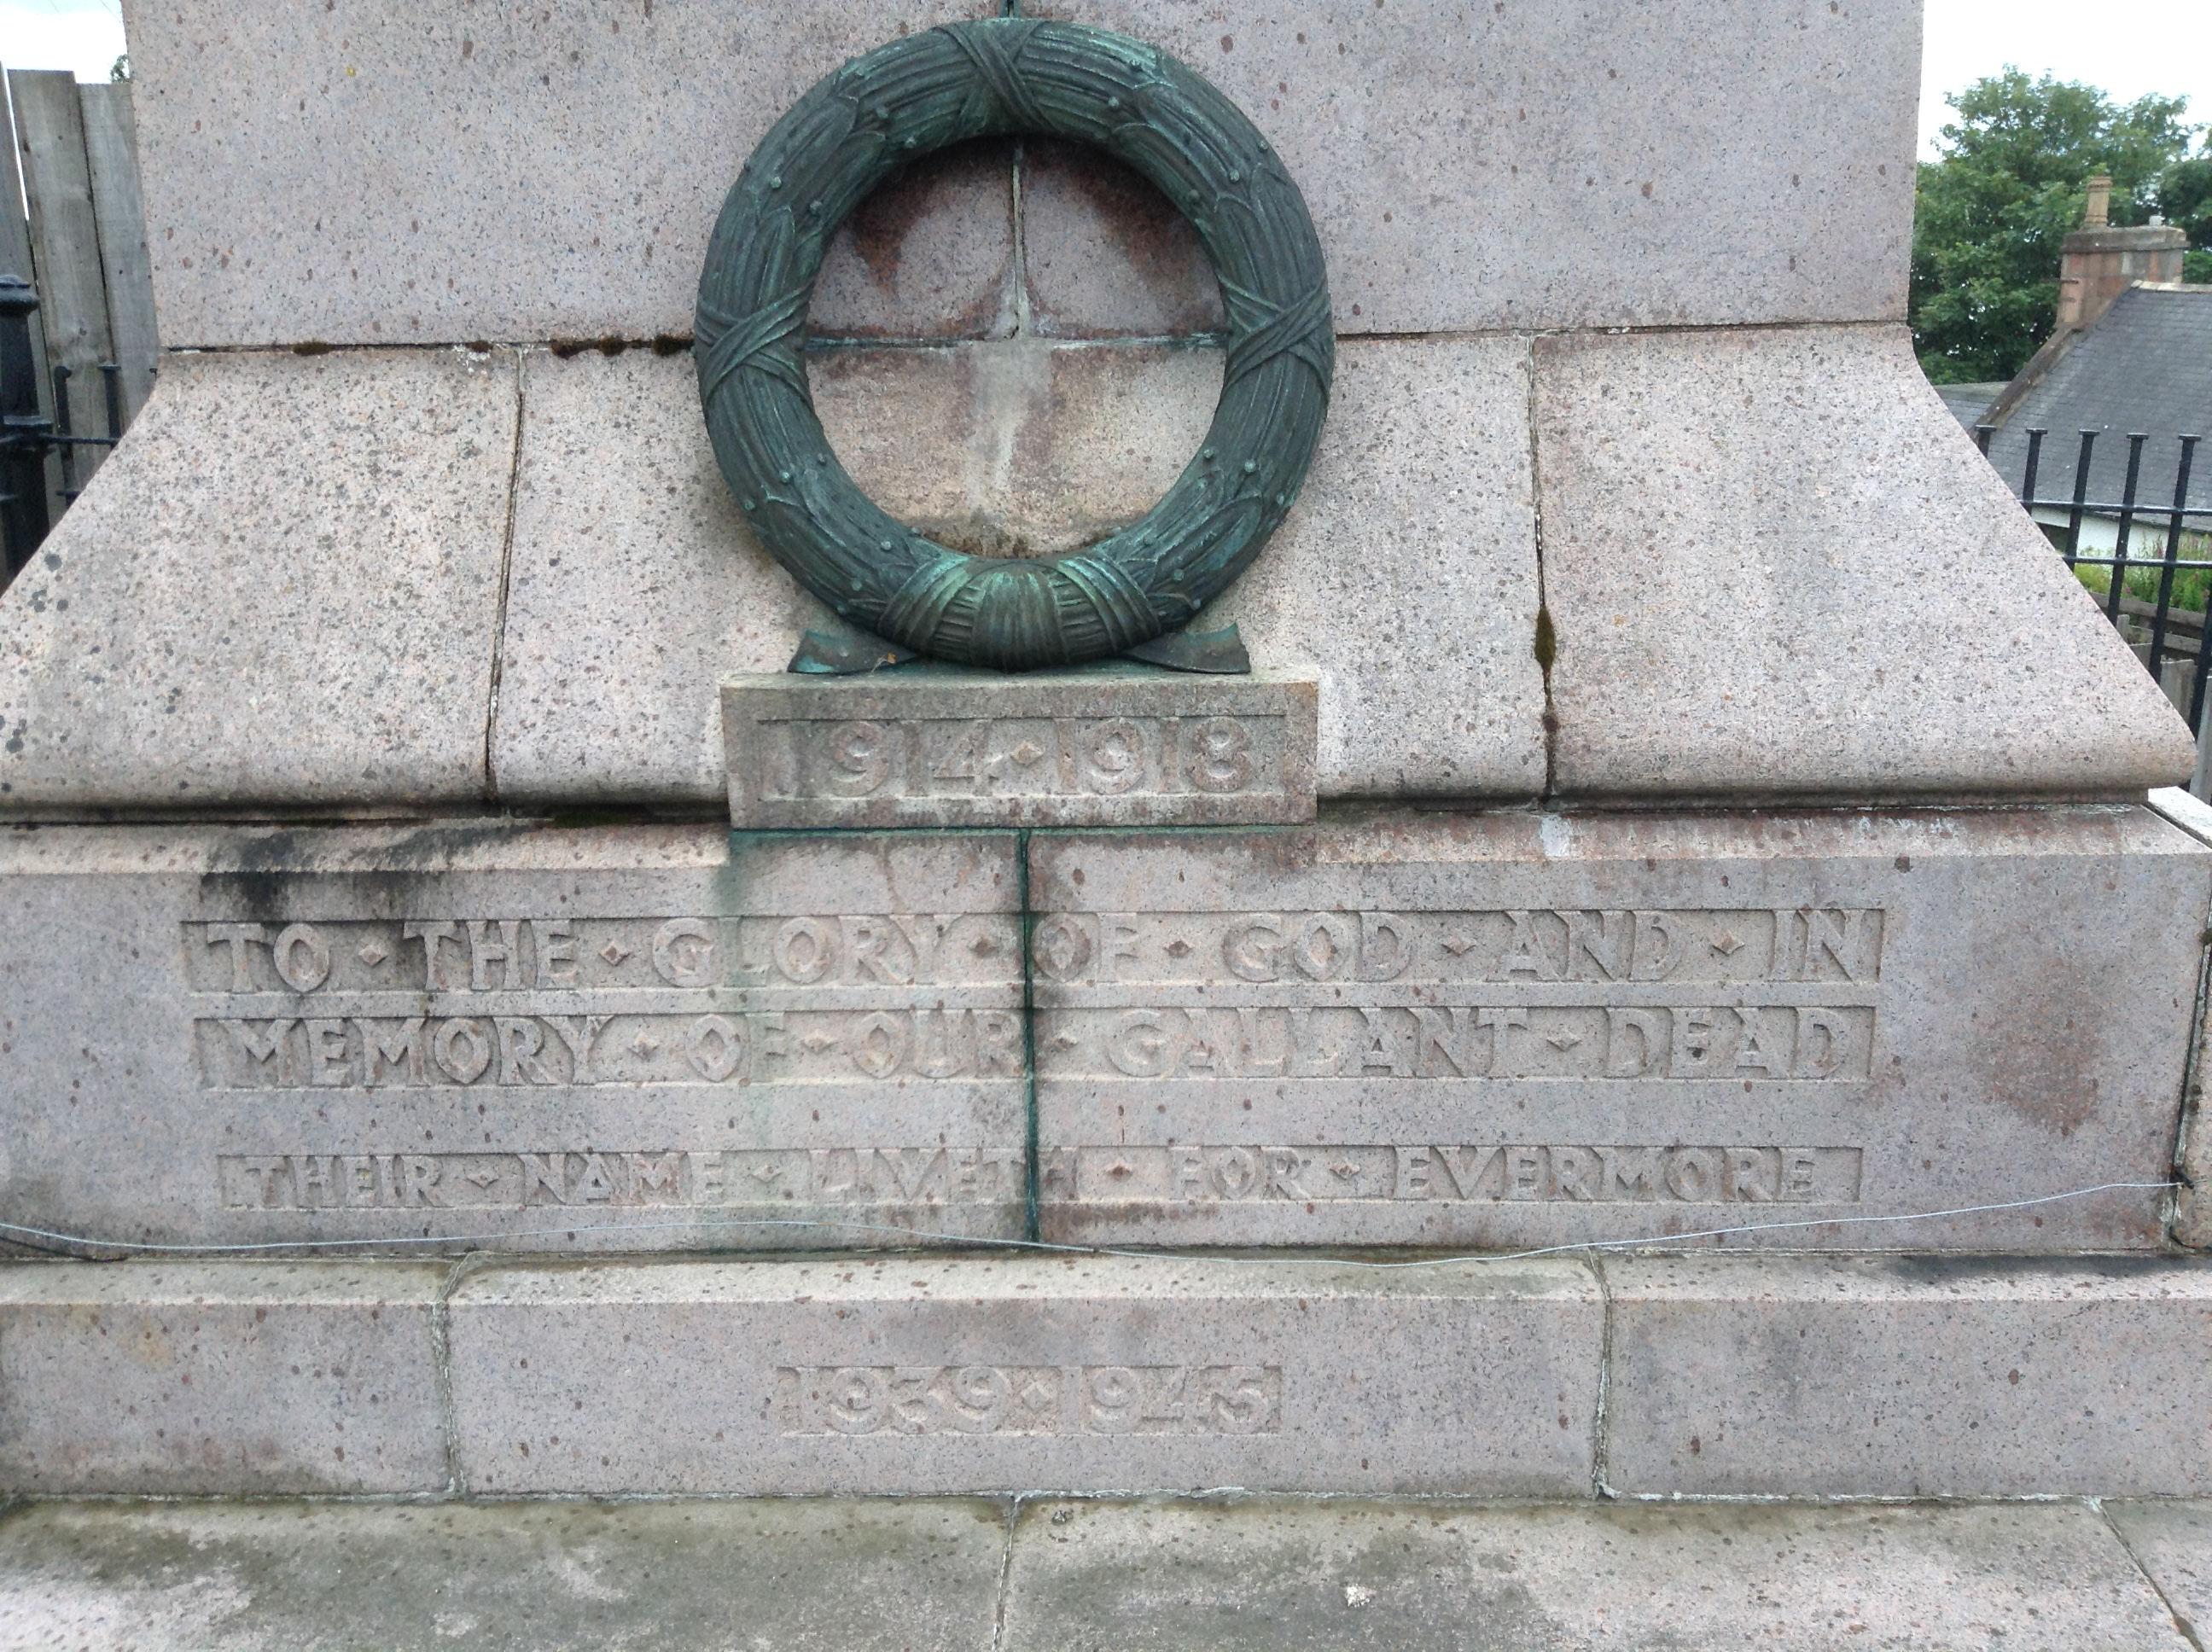 Memorial– Inscription on War Memorial at Invergordon, Scotland. Image taken 6 July 2017 by Tom Tulloch.